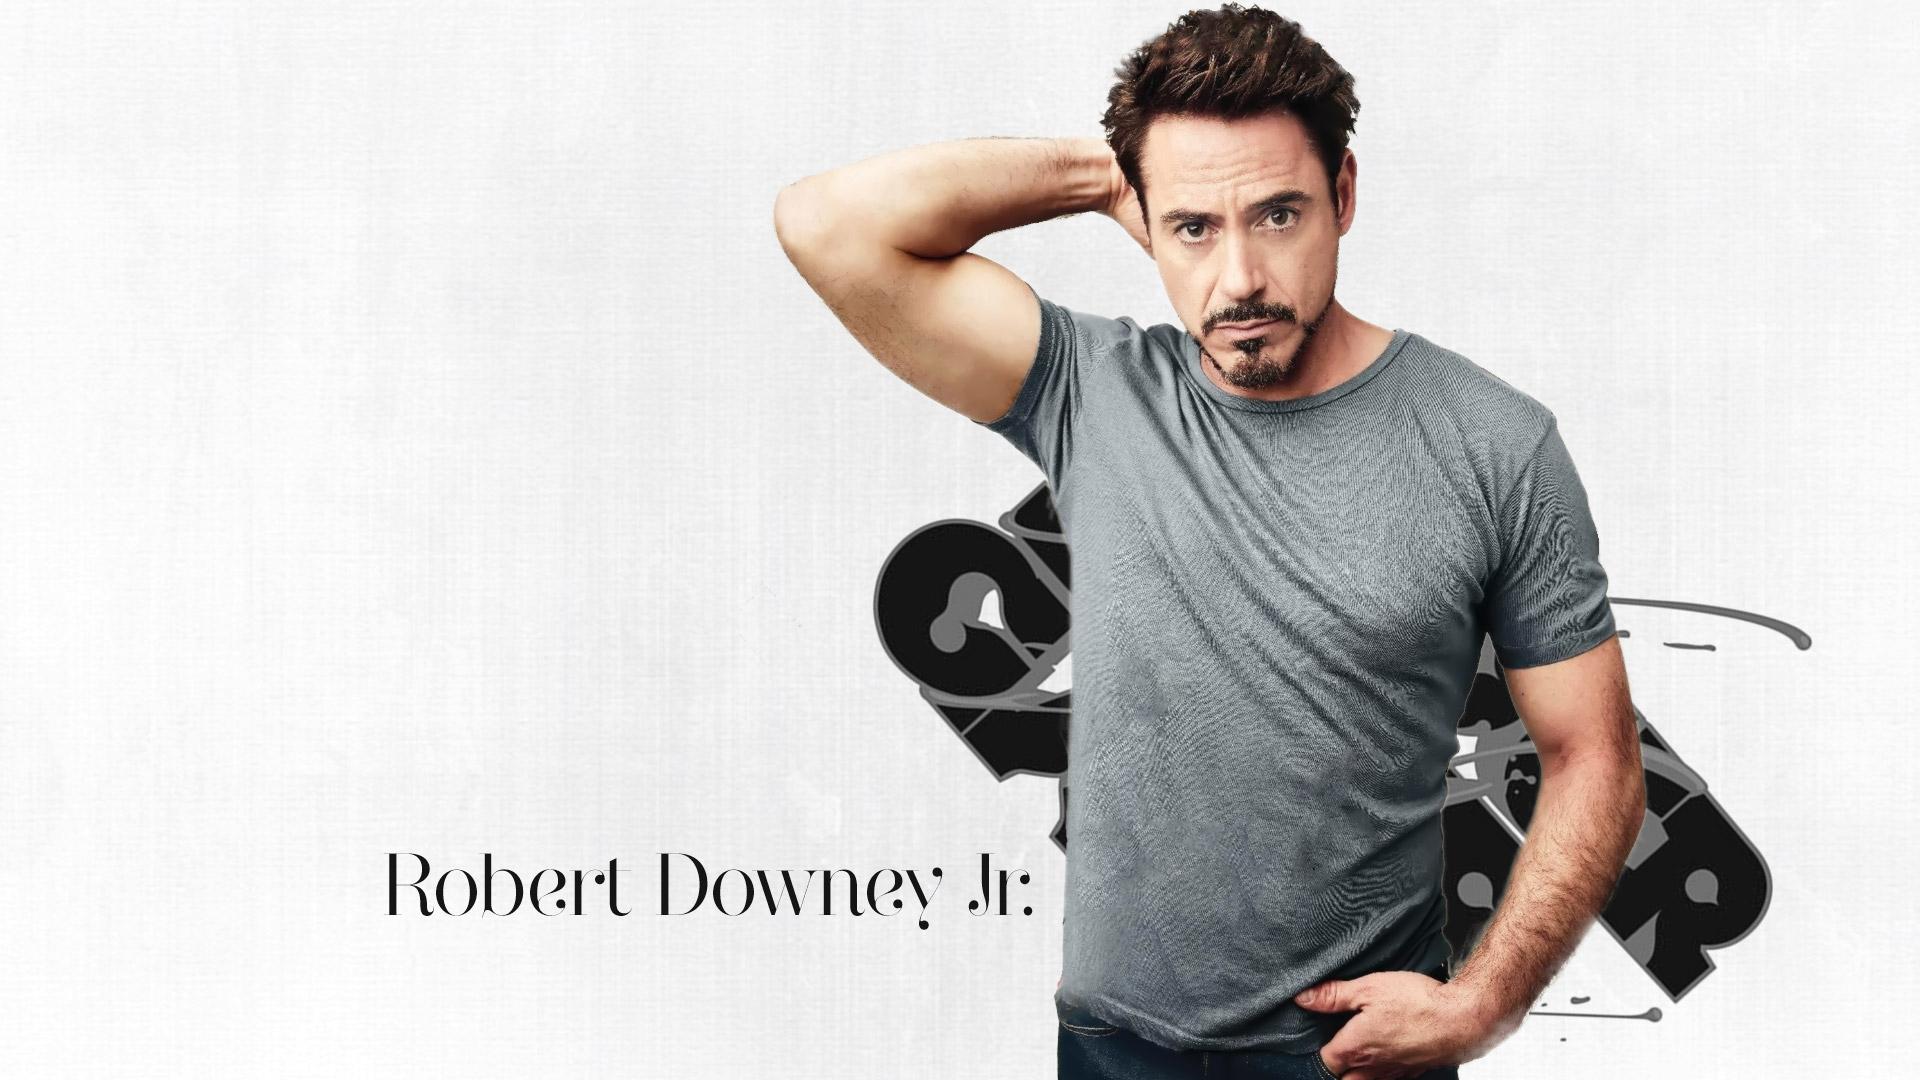 Celebrity Robert Downey Jr American Actor Wallpaper